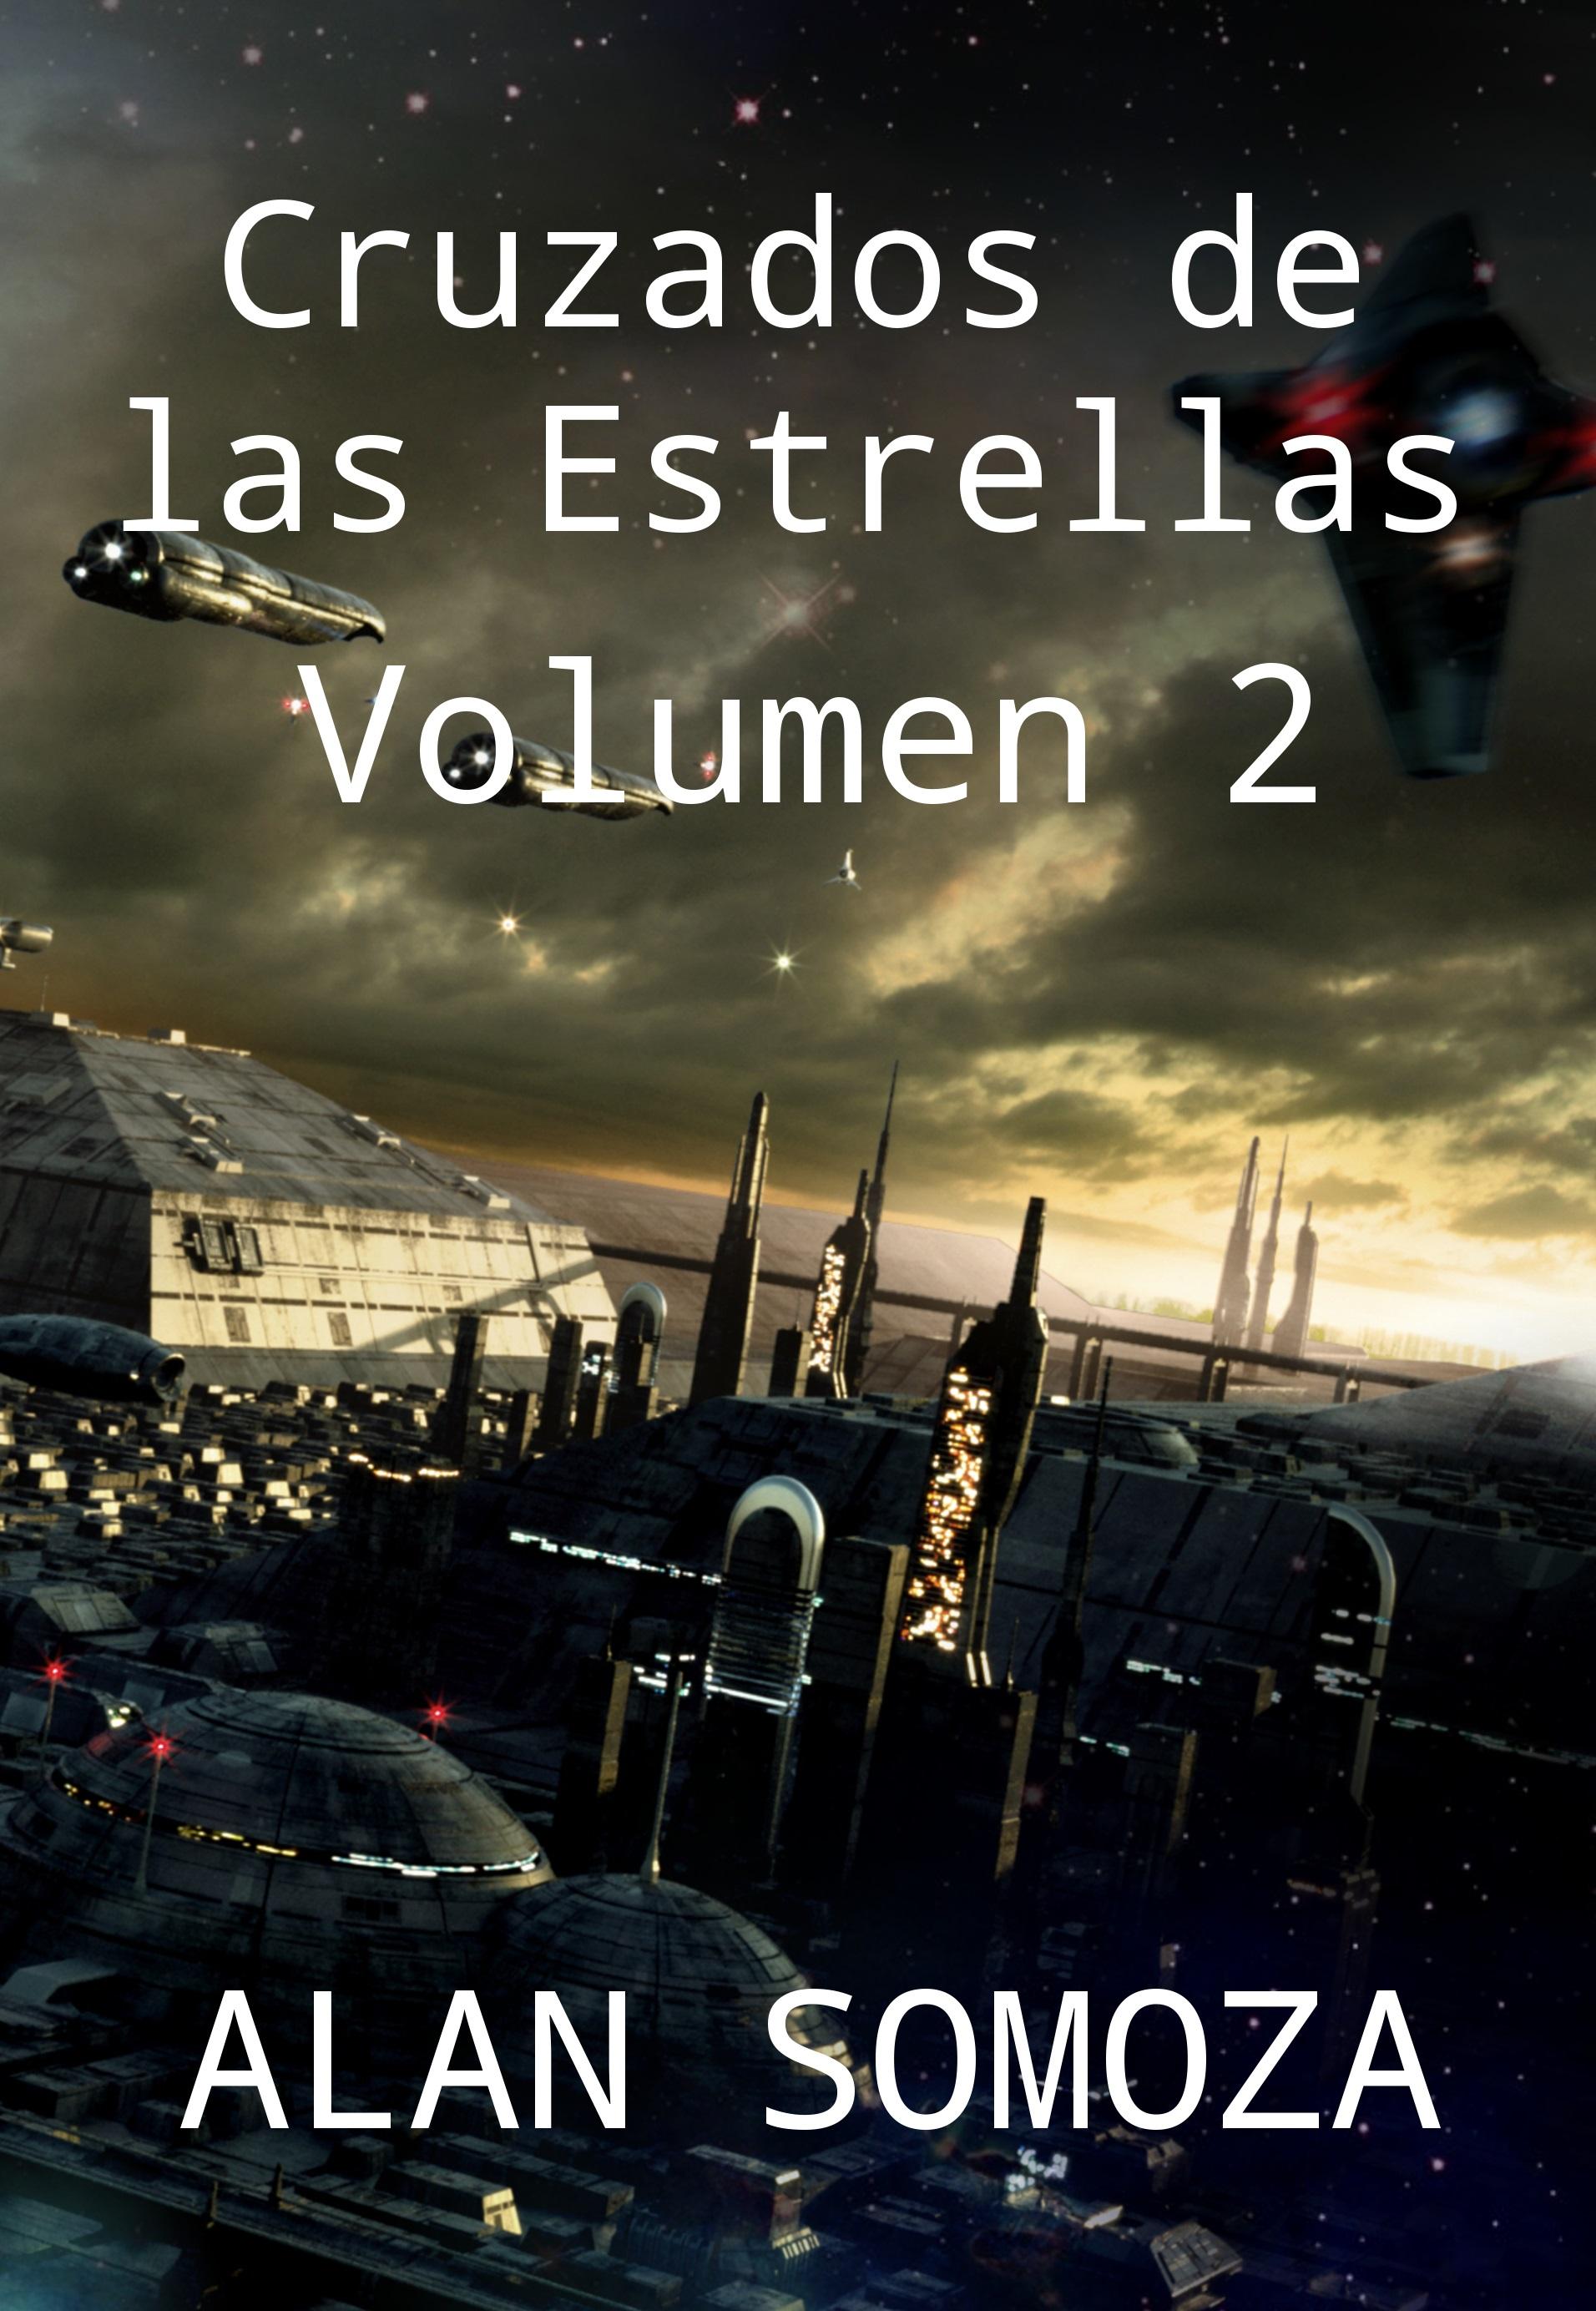 Cruzados de las estrellas - Vol 2